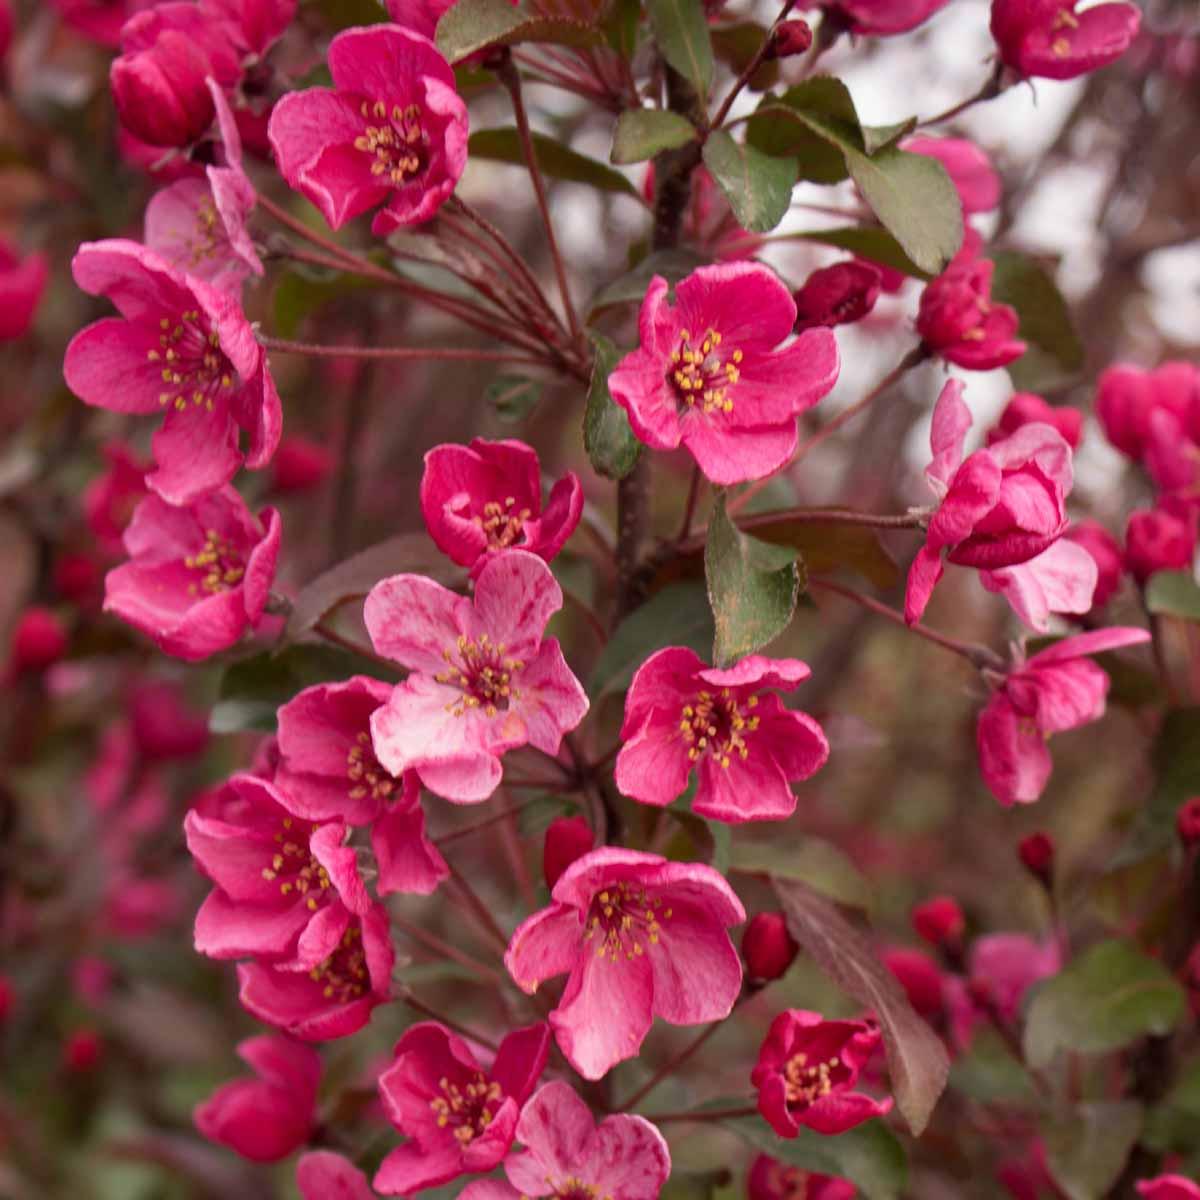 Melo da fiore (Malus) in varietà